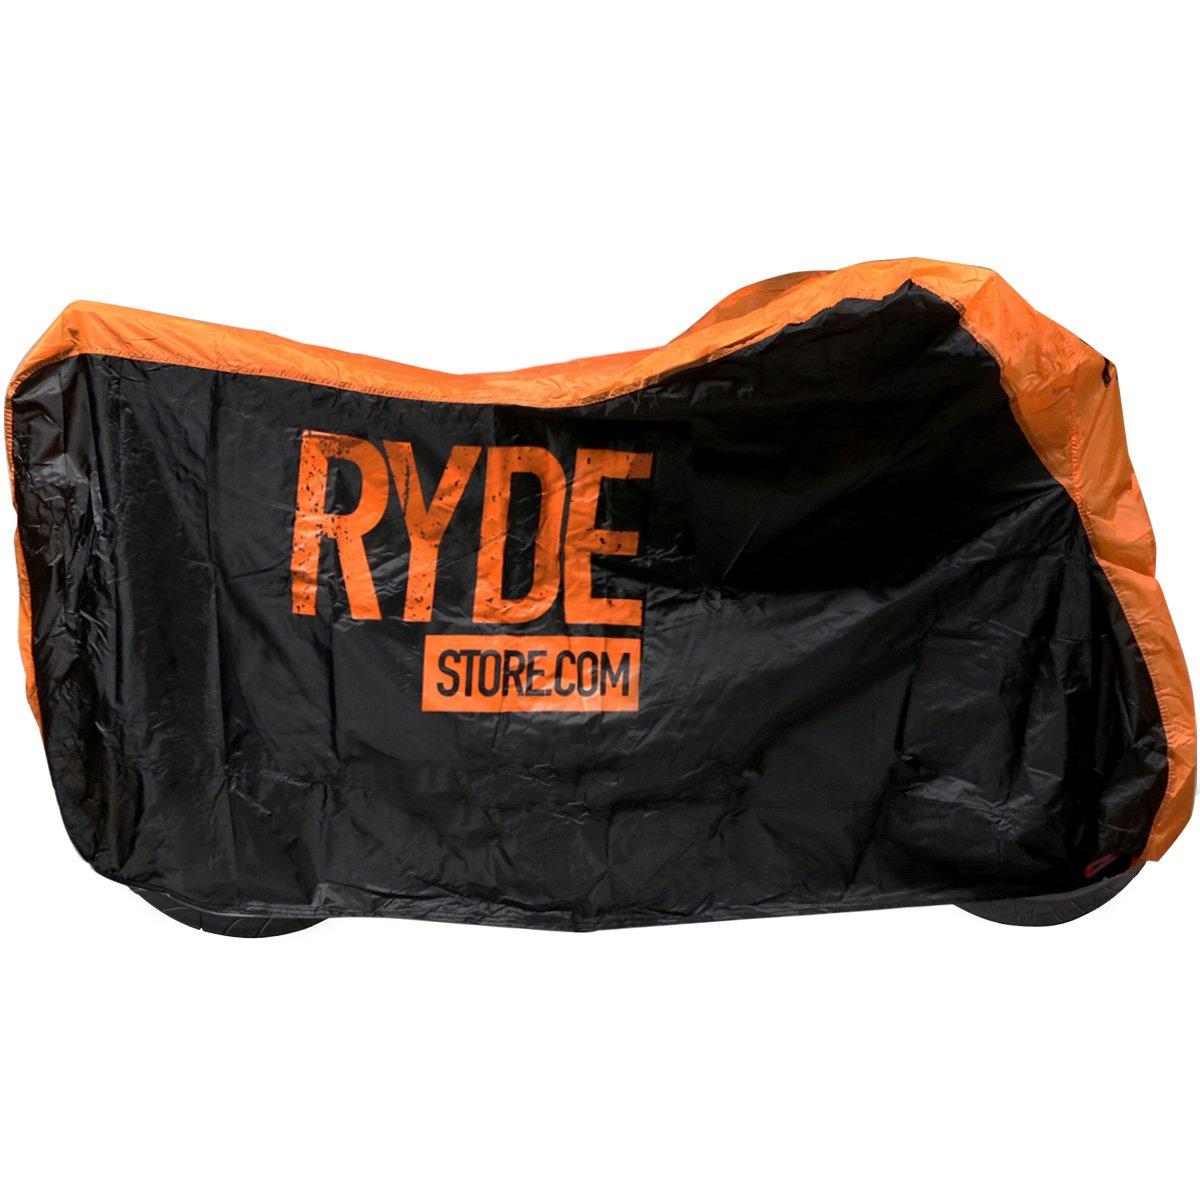 Ryde Orange/Black Waterproof Motorcycle Cover - Large